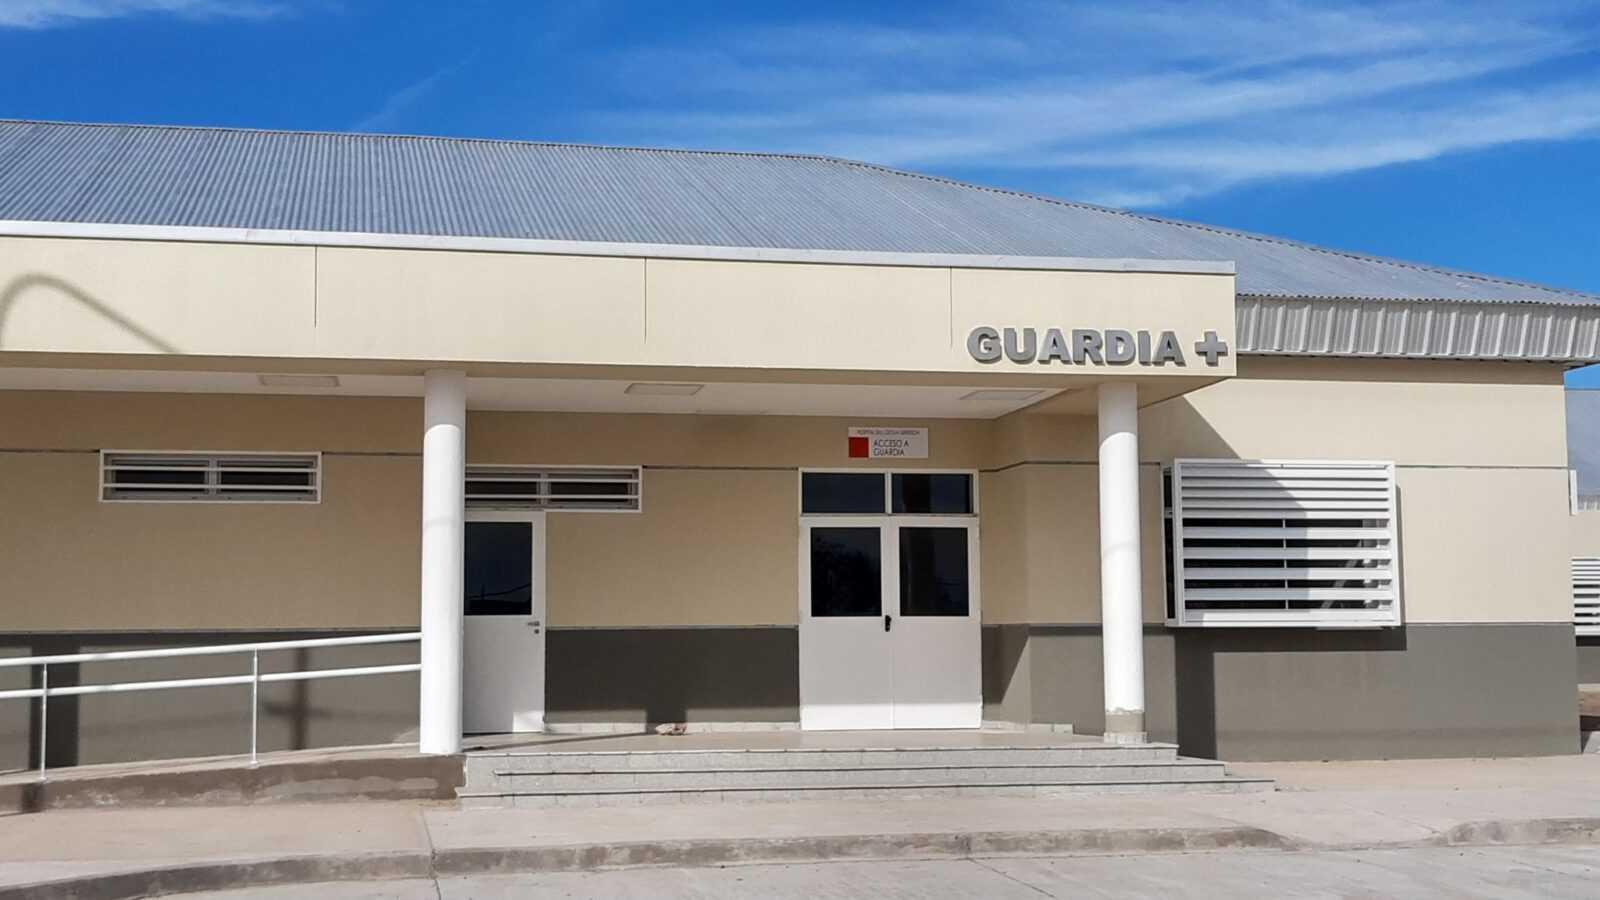 hospital guardia - Catriel25Noticias.com